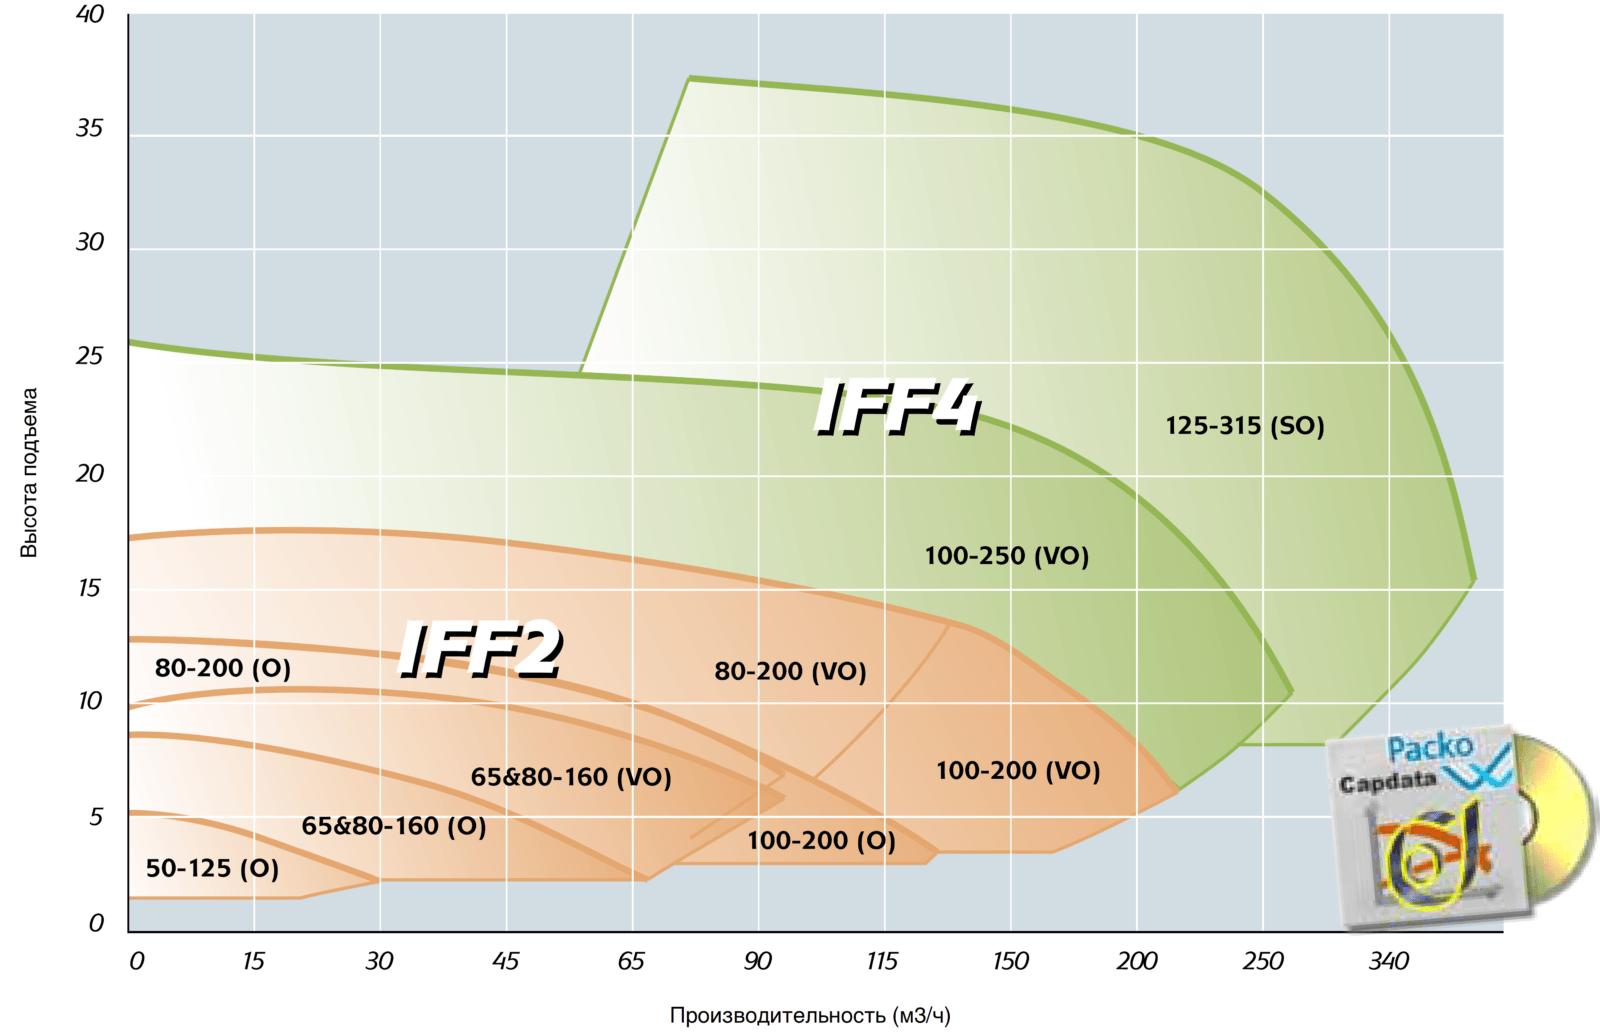 Пищевые вихревые насосы Packo IFF